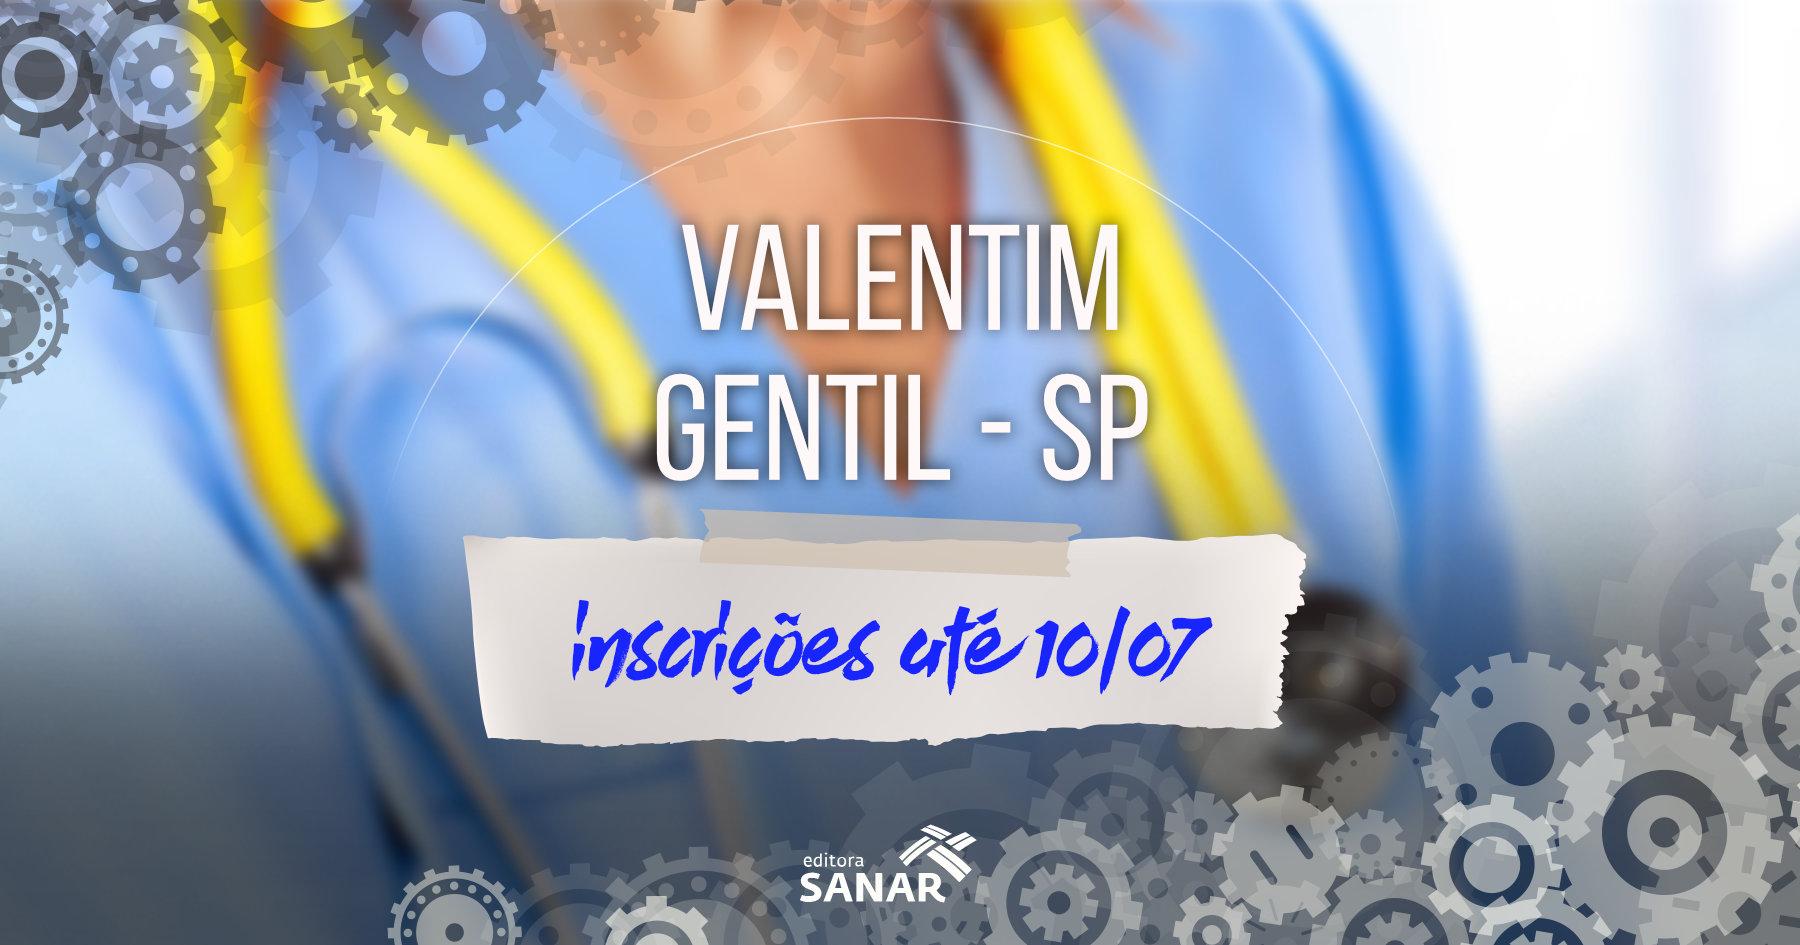 Seleção:  Valentim Gentil (SP) contrata enfermeiros